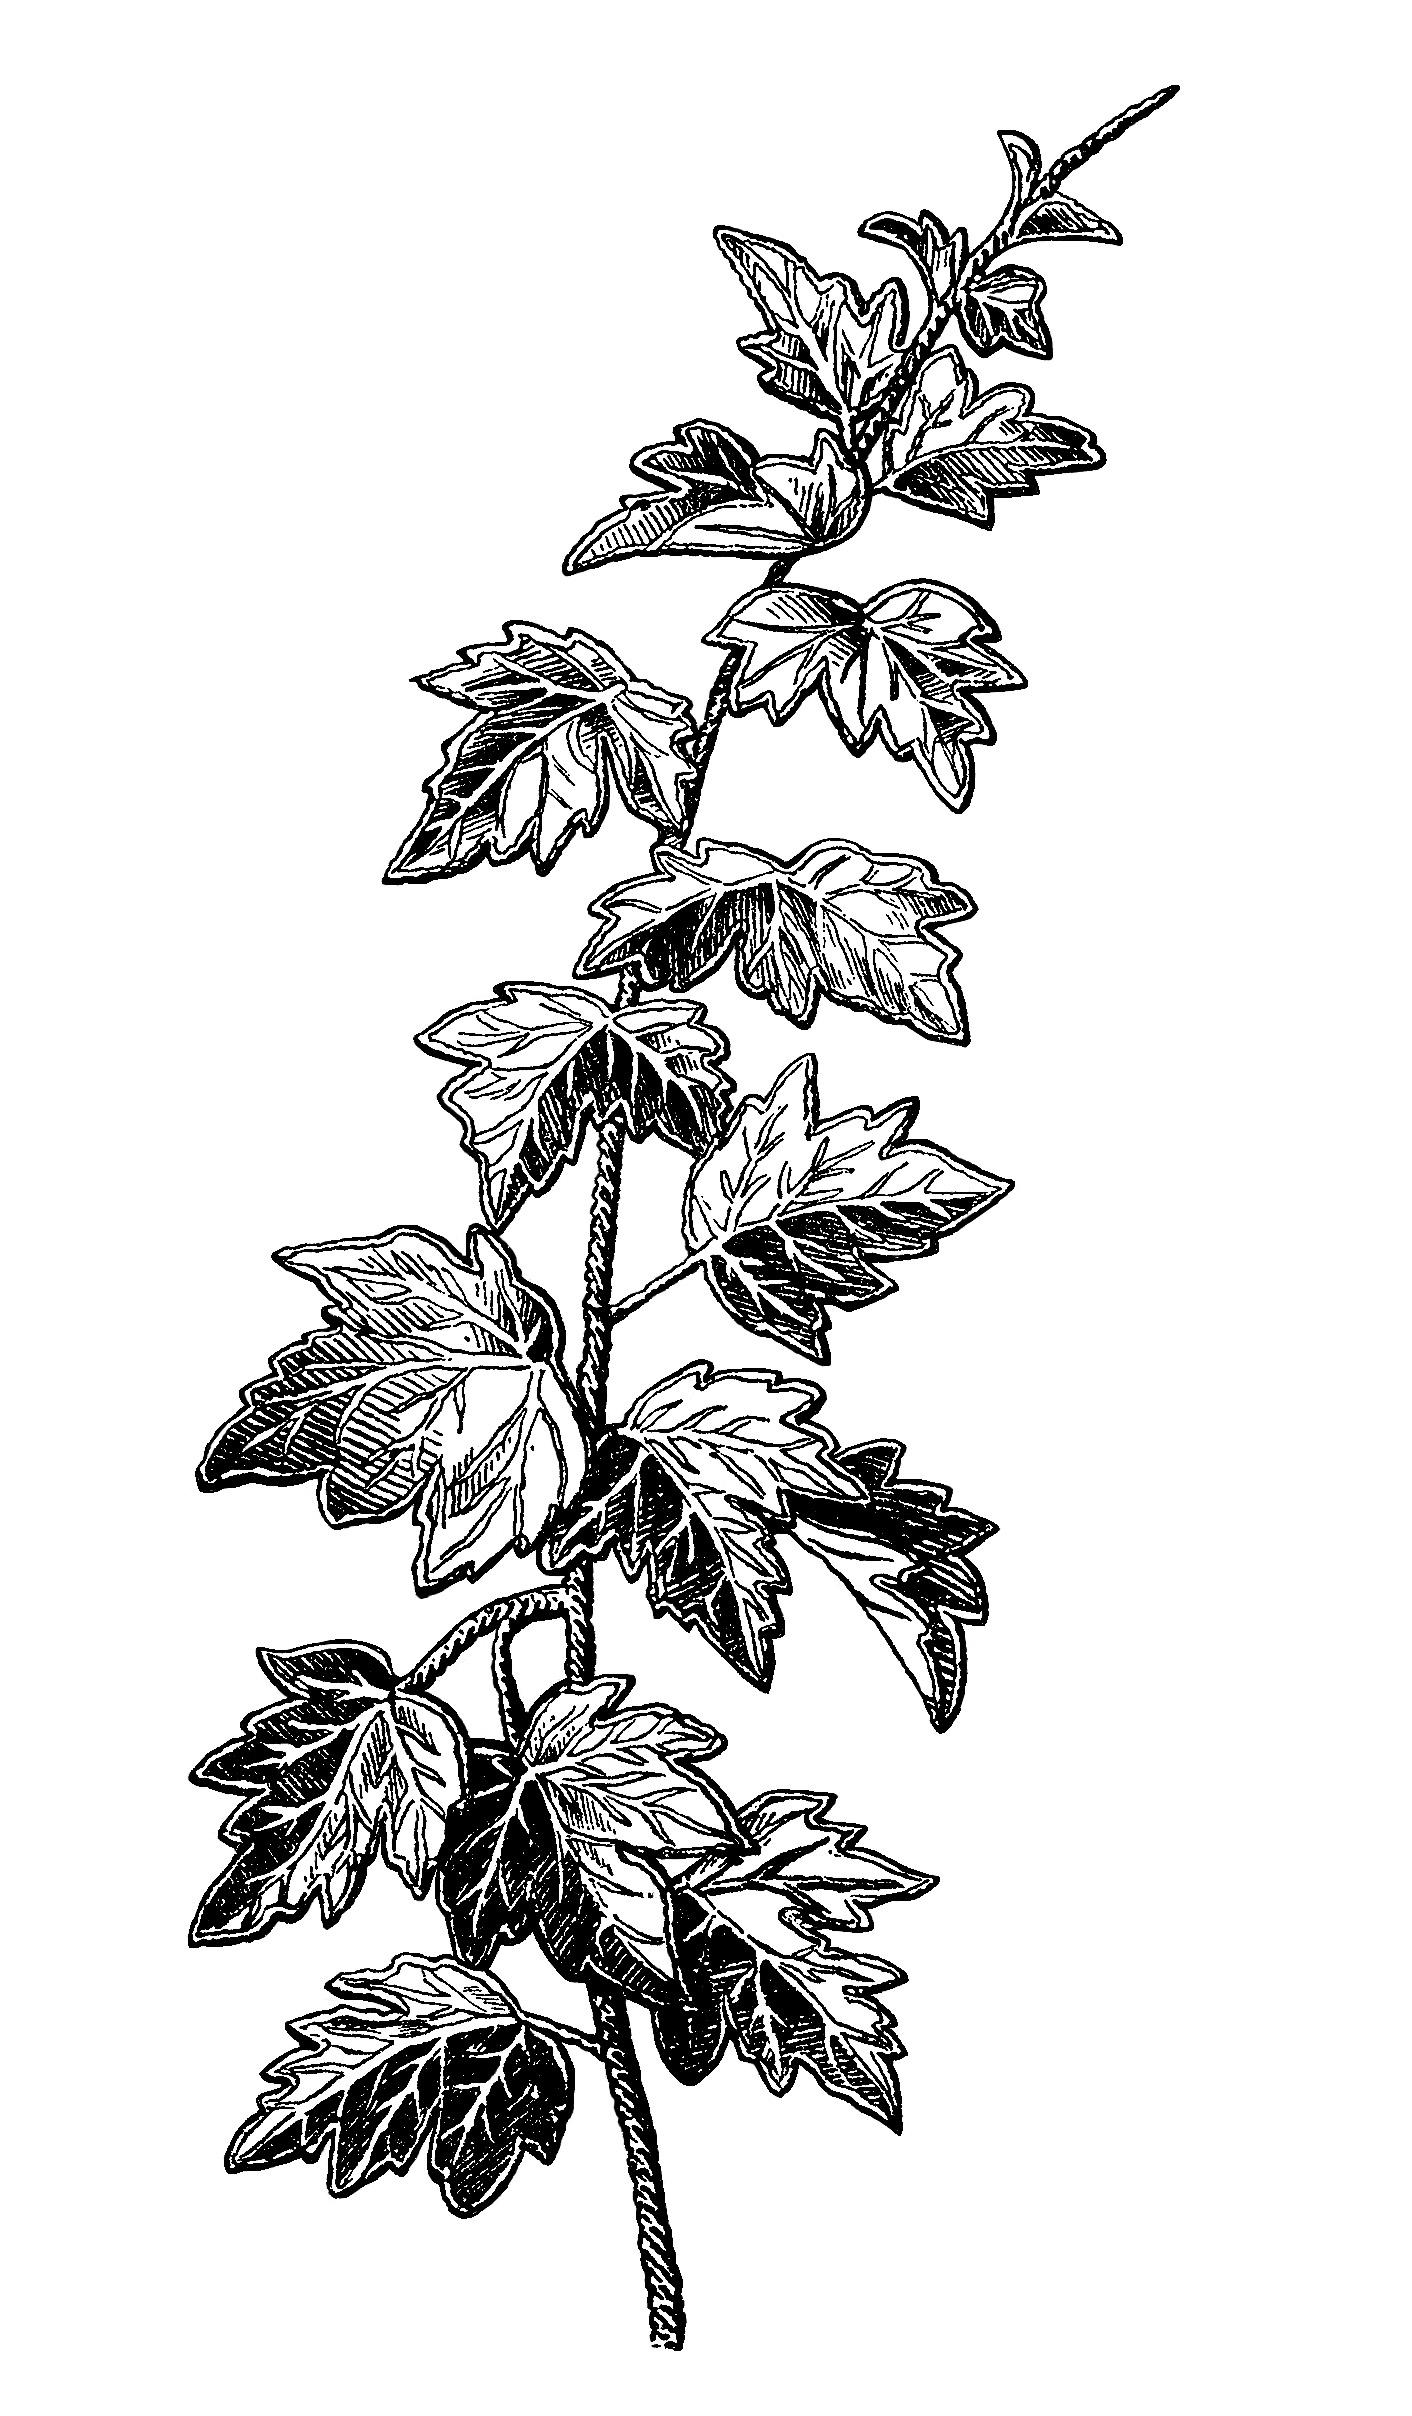 Autumn Leaf Design Vintage Image